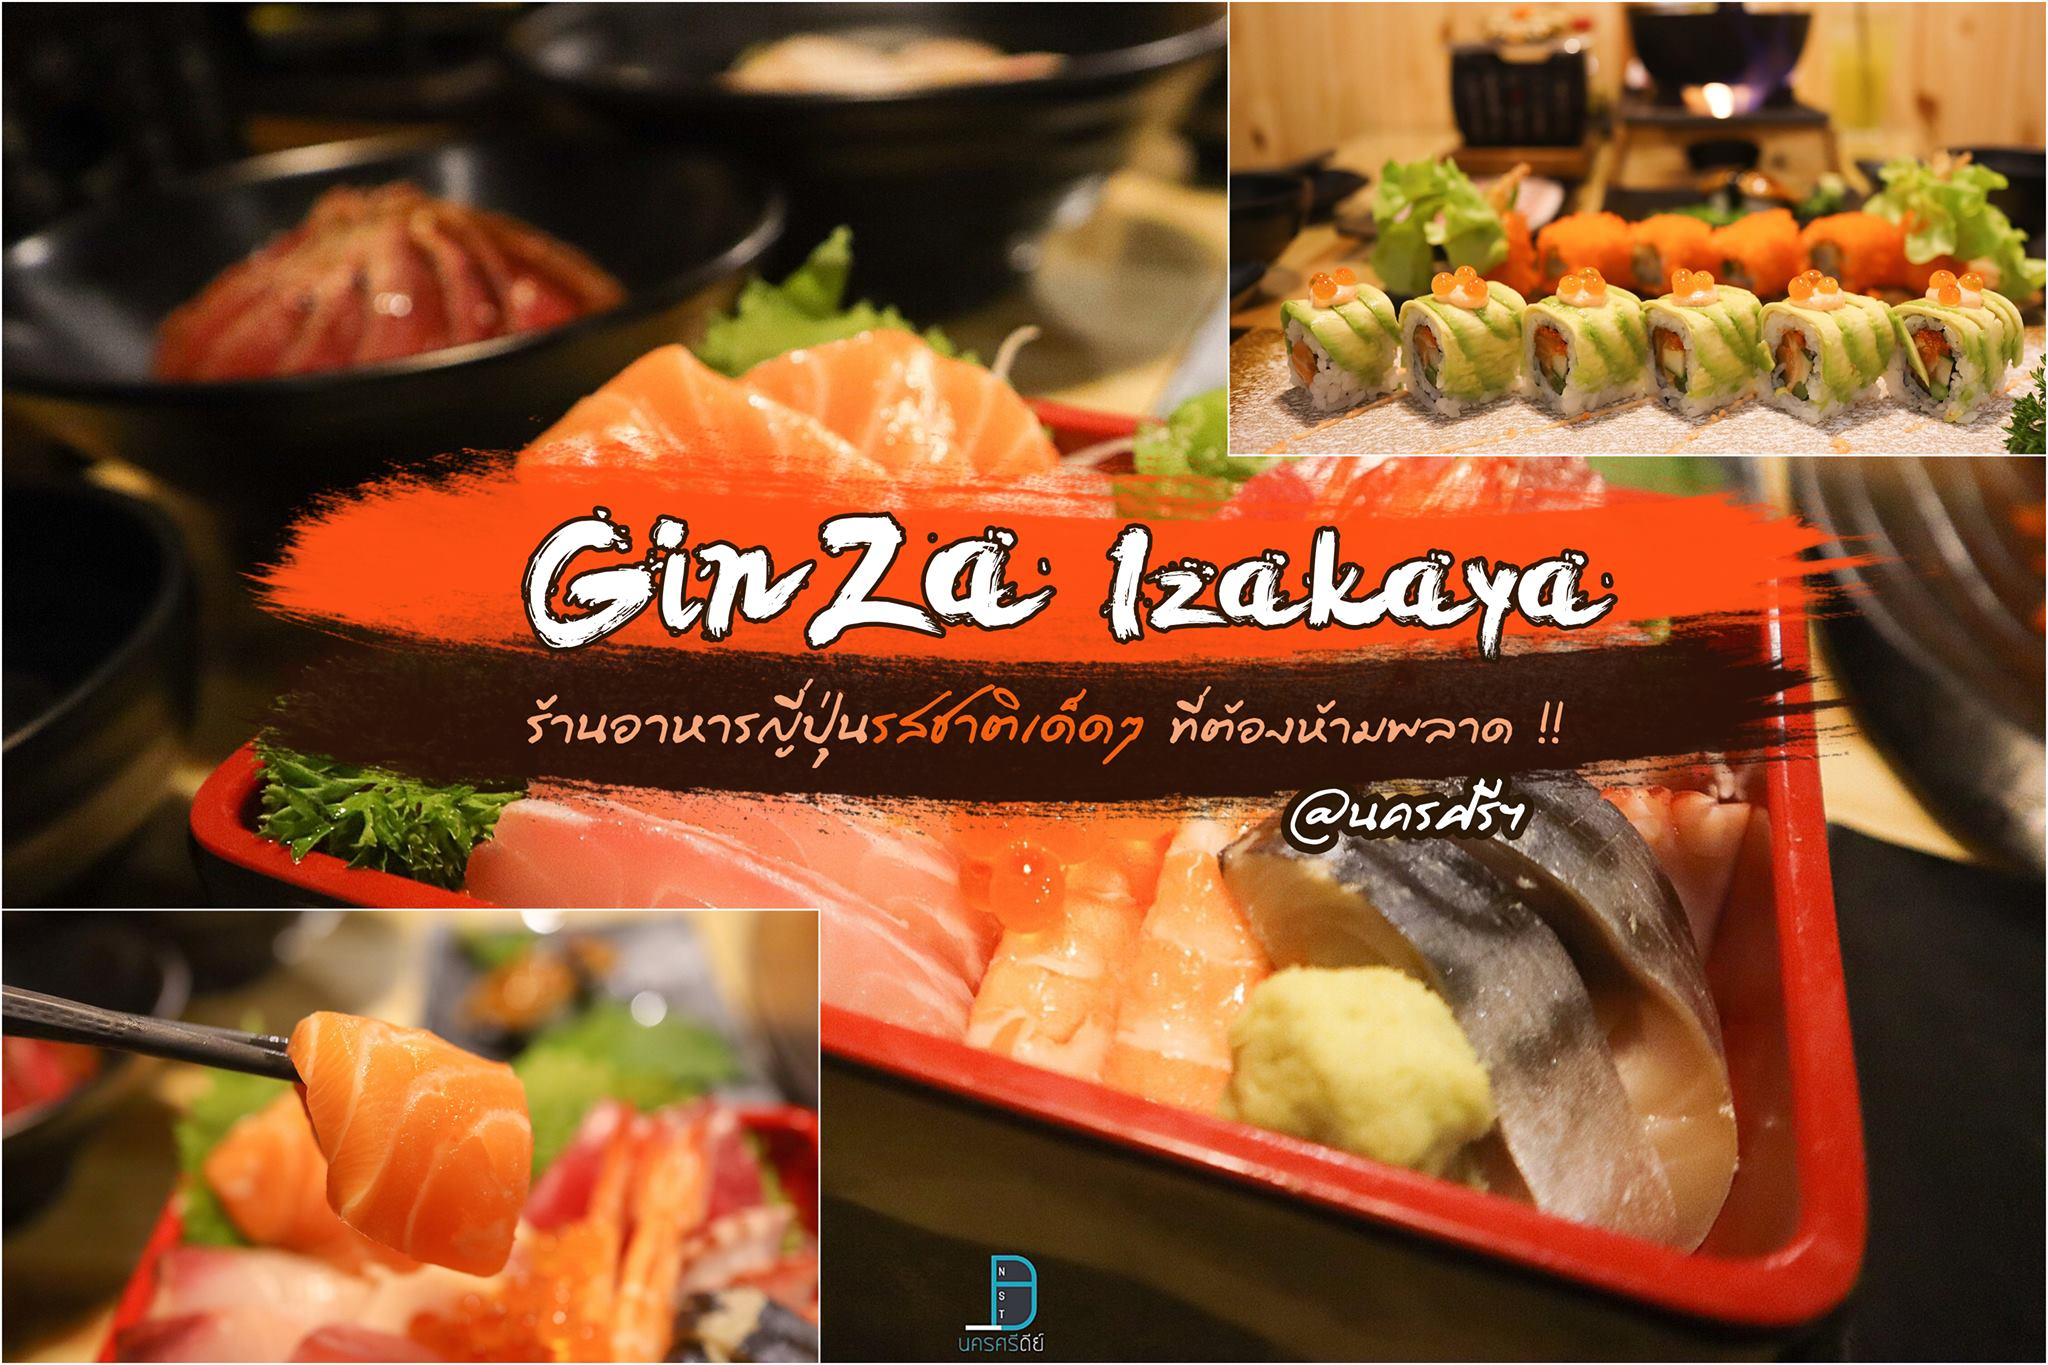 Ginza Izakaya กินซ่า สุดยอดร้านอาหารญี่ปุ่น นครศรีธรรมราช เมนูเด็ดกว่า 100 เมนู